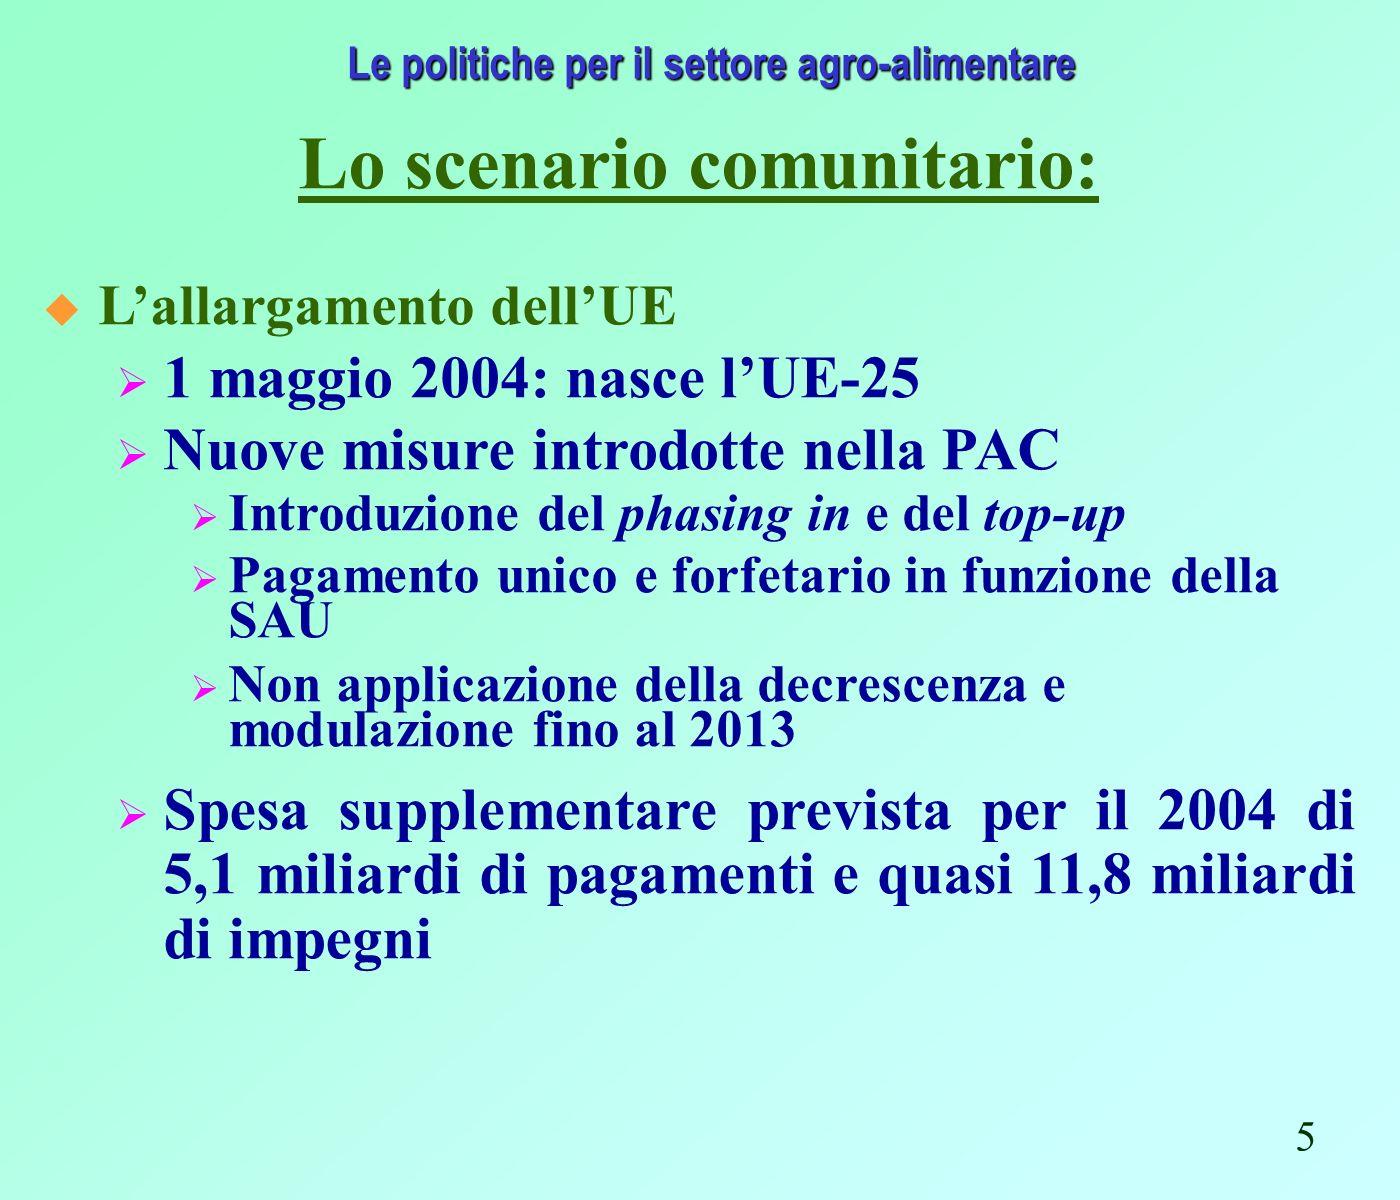 Non sono considerati gli importi relativi alle conferme annuali per le misure 2.f e 2.h Fonte: Regione Emilia-Romagna – Assessorato Agricoltura, Ambiente e Sviluppo Sostenibile Gli interventi a favore dellagricoltura regionale Domande ammesse del Piano Regionale di Sviluppo Rurale per lanno 2003 (dati provvisori) 26